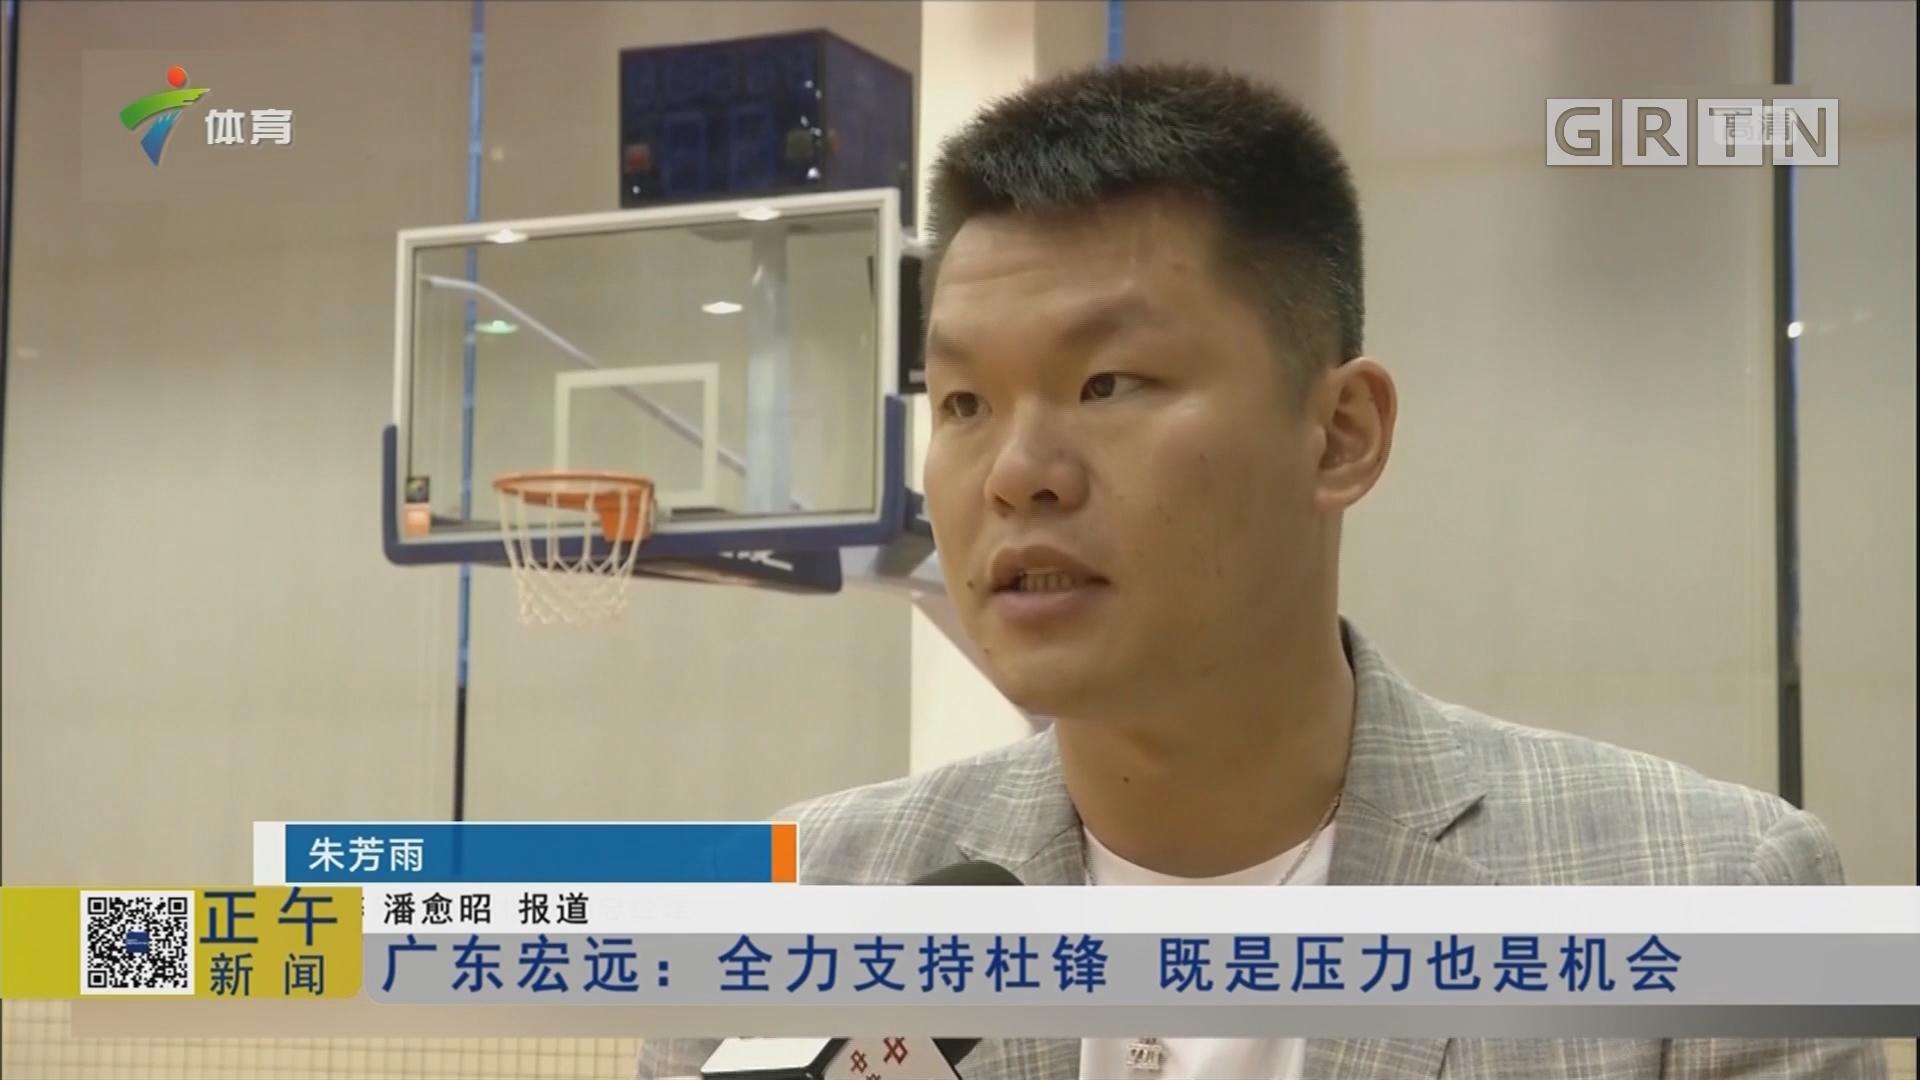 广东宏远:全力支持杜锋 既是压力也是机会